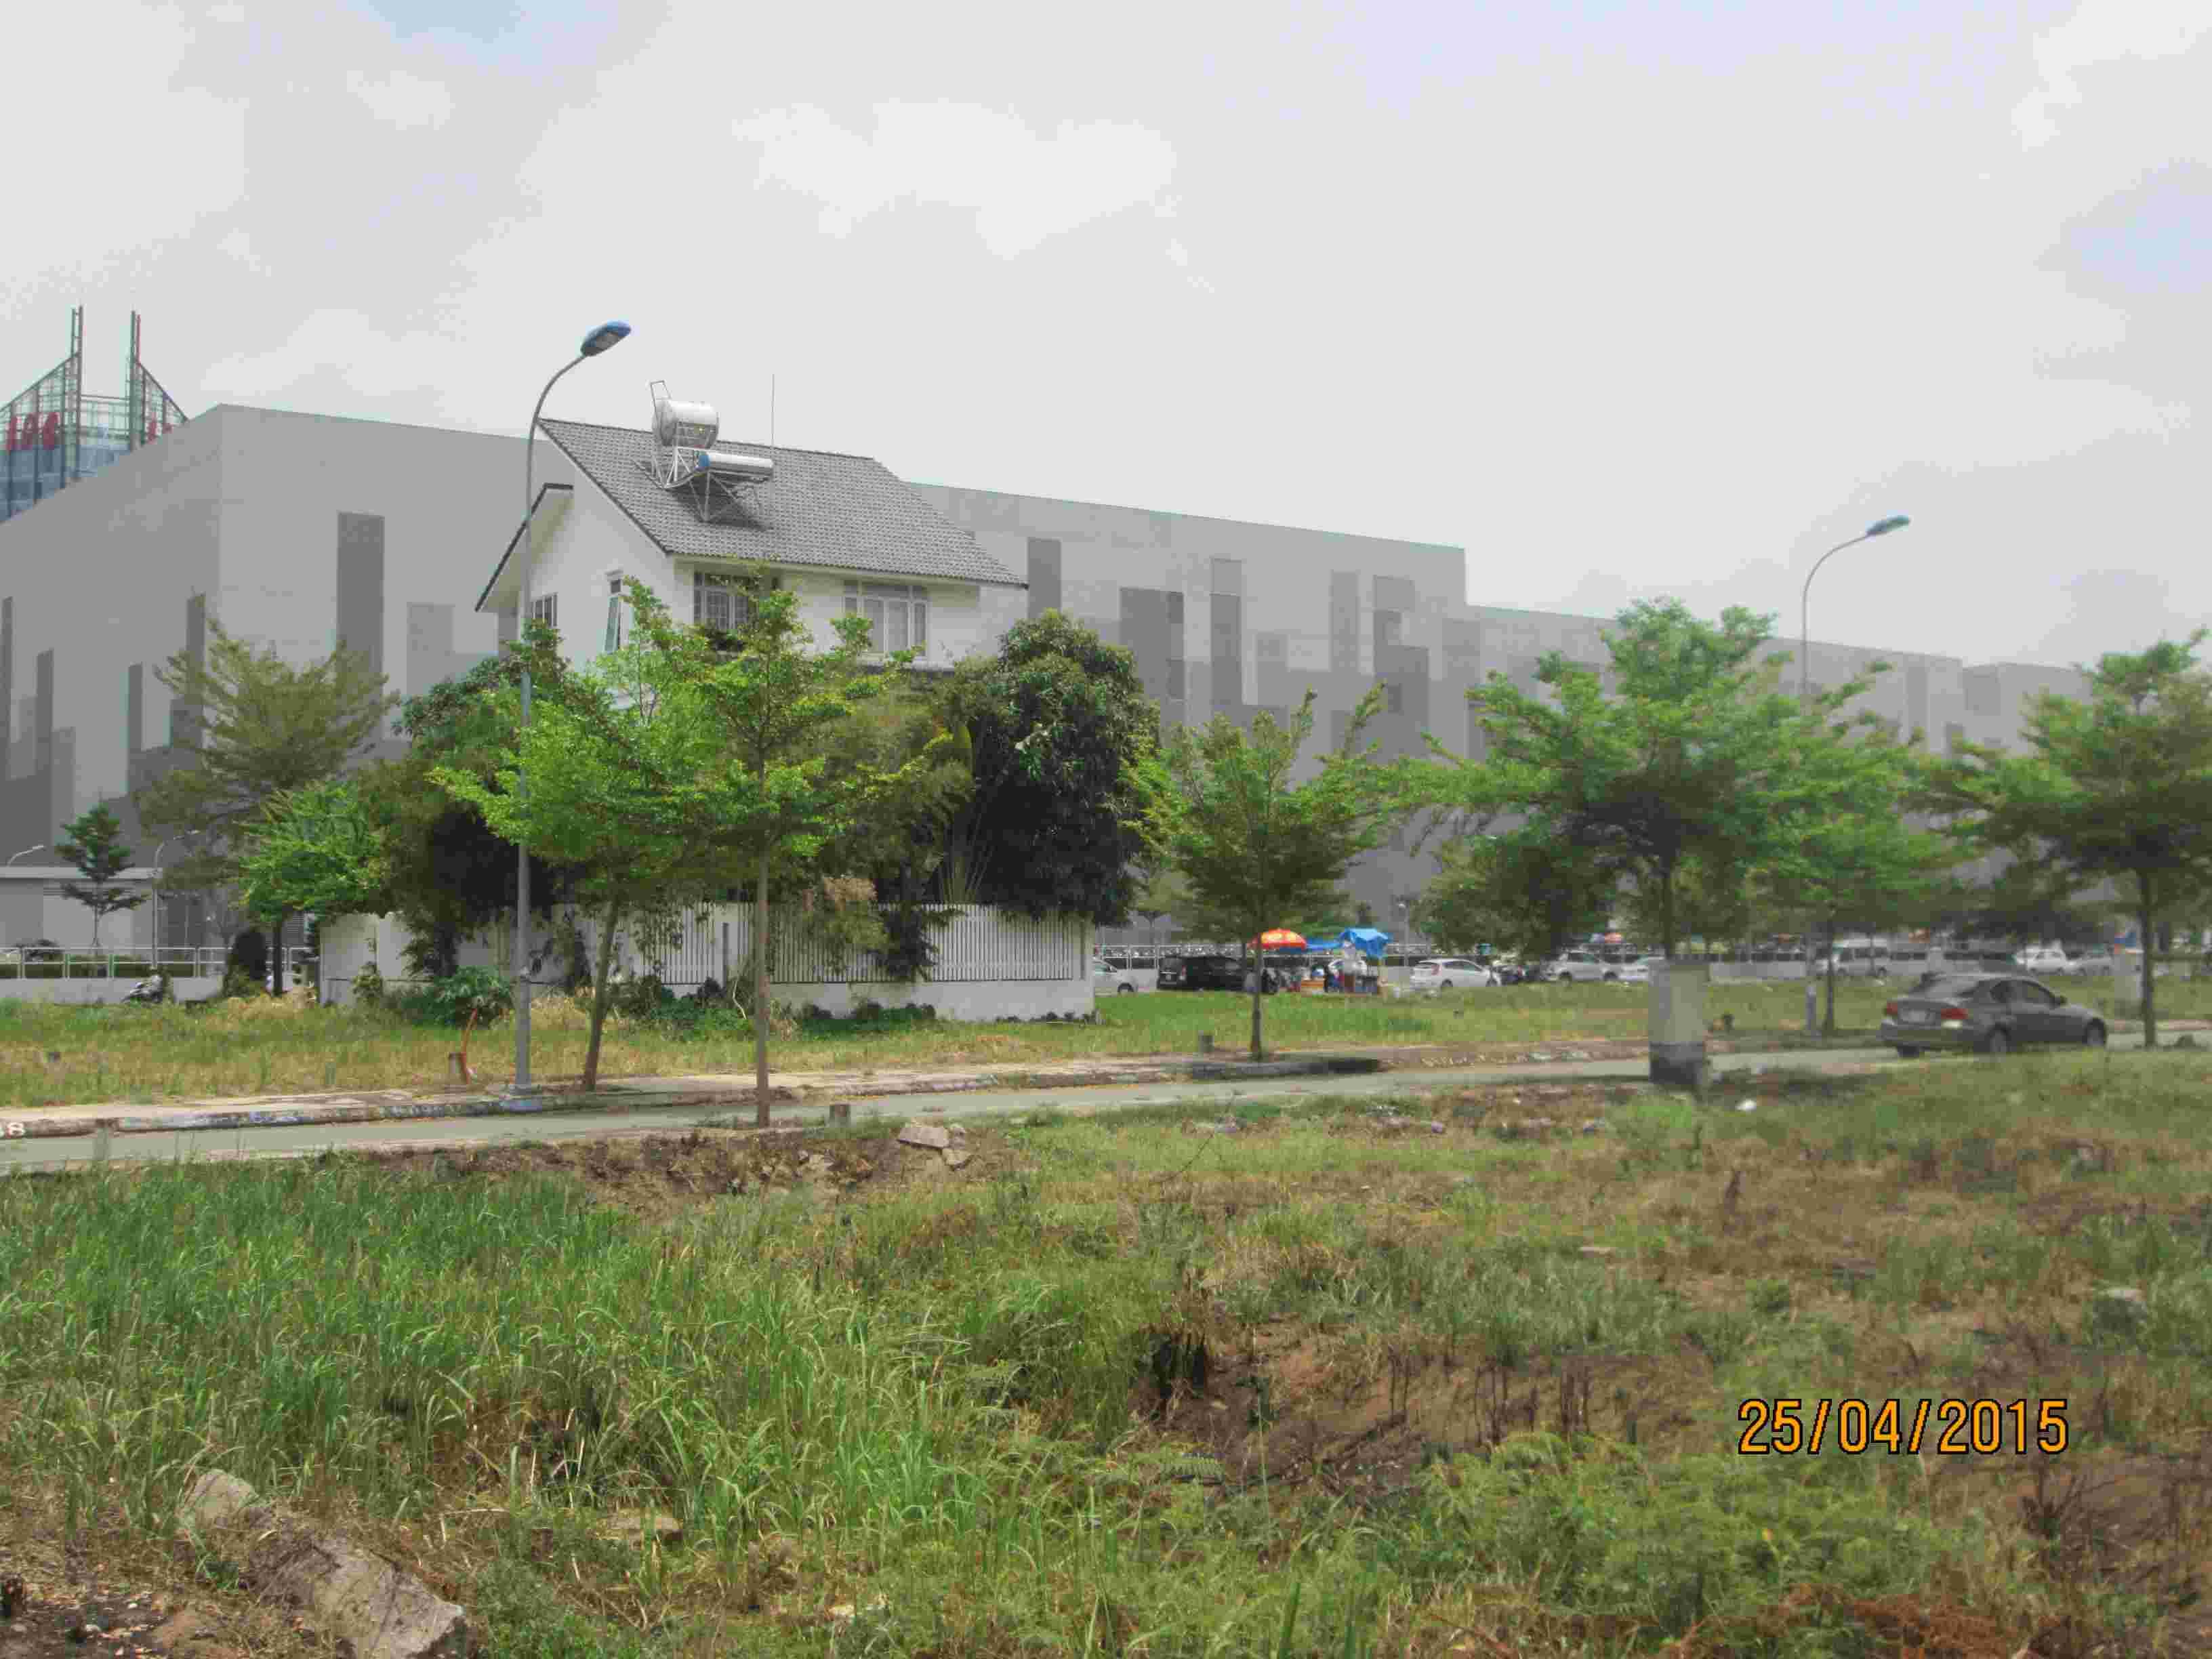 Bán đất dự án Thái Sơn 1 sổ đỏ giá 60 triệu/m2, nền B15, dt 250m2, mt đường 12m. LH: 0913.050.053  Mr Huynh.